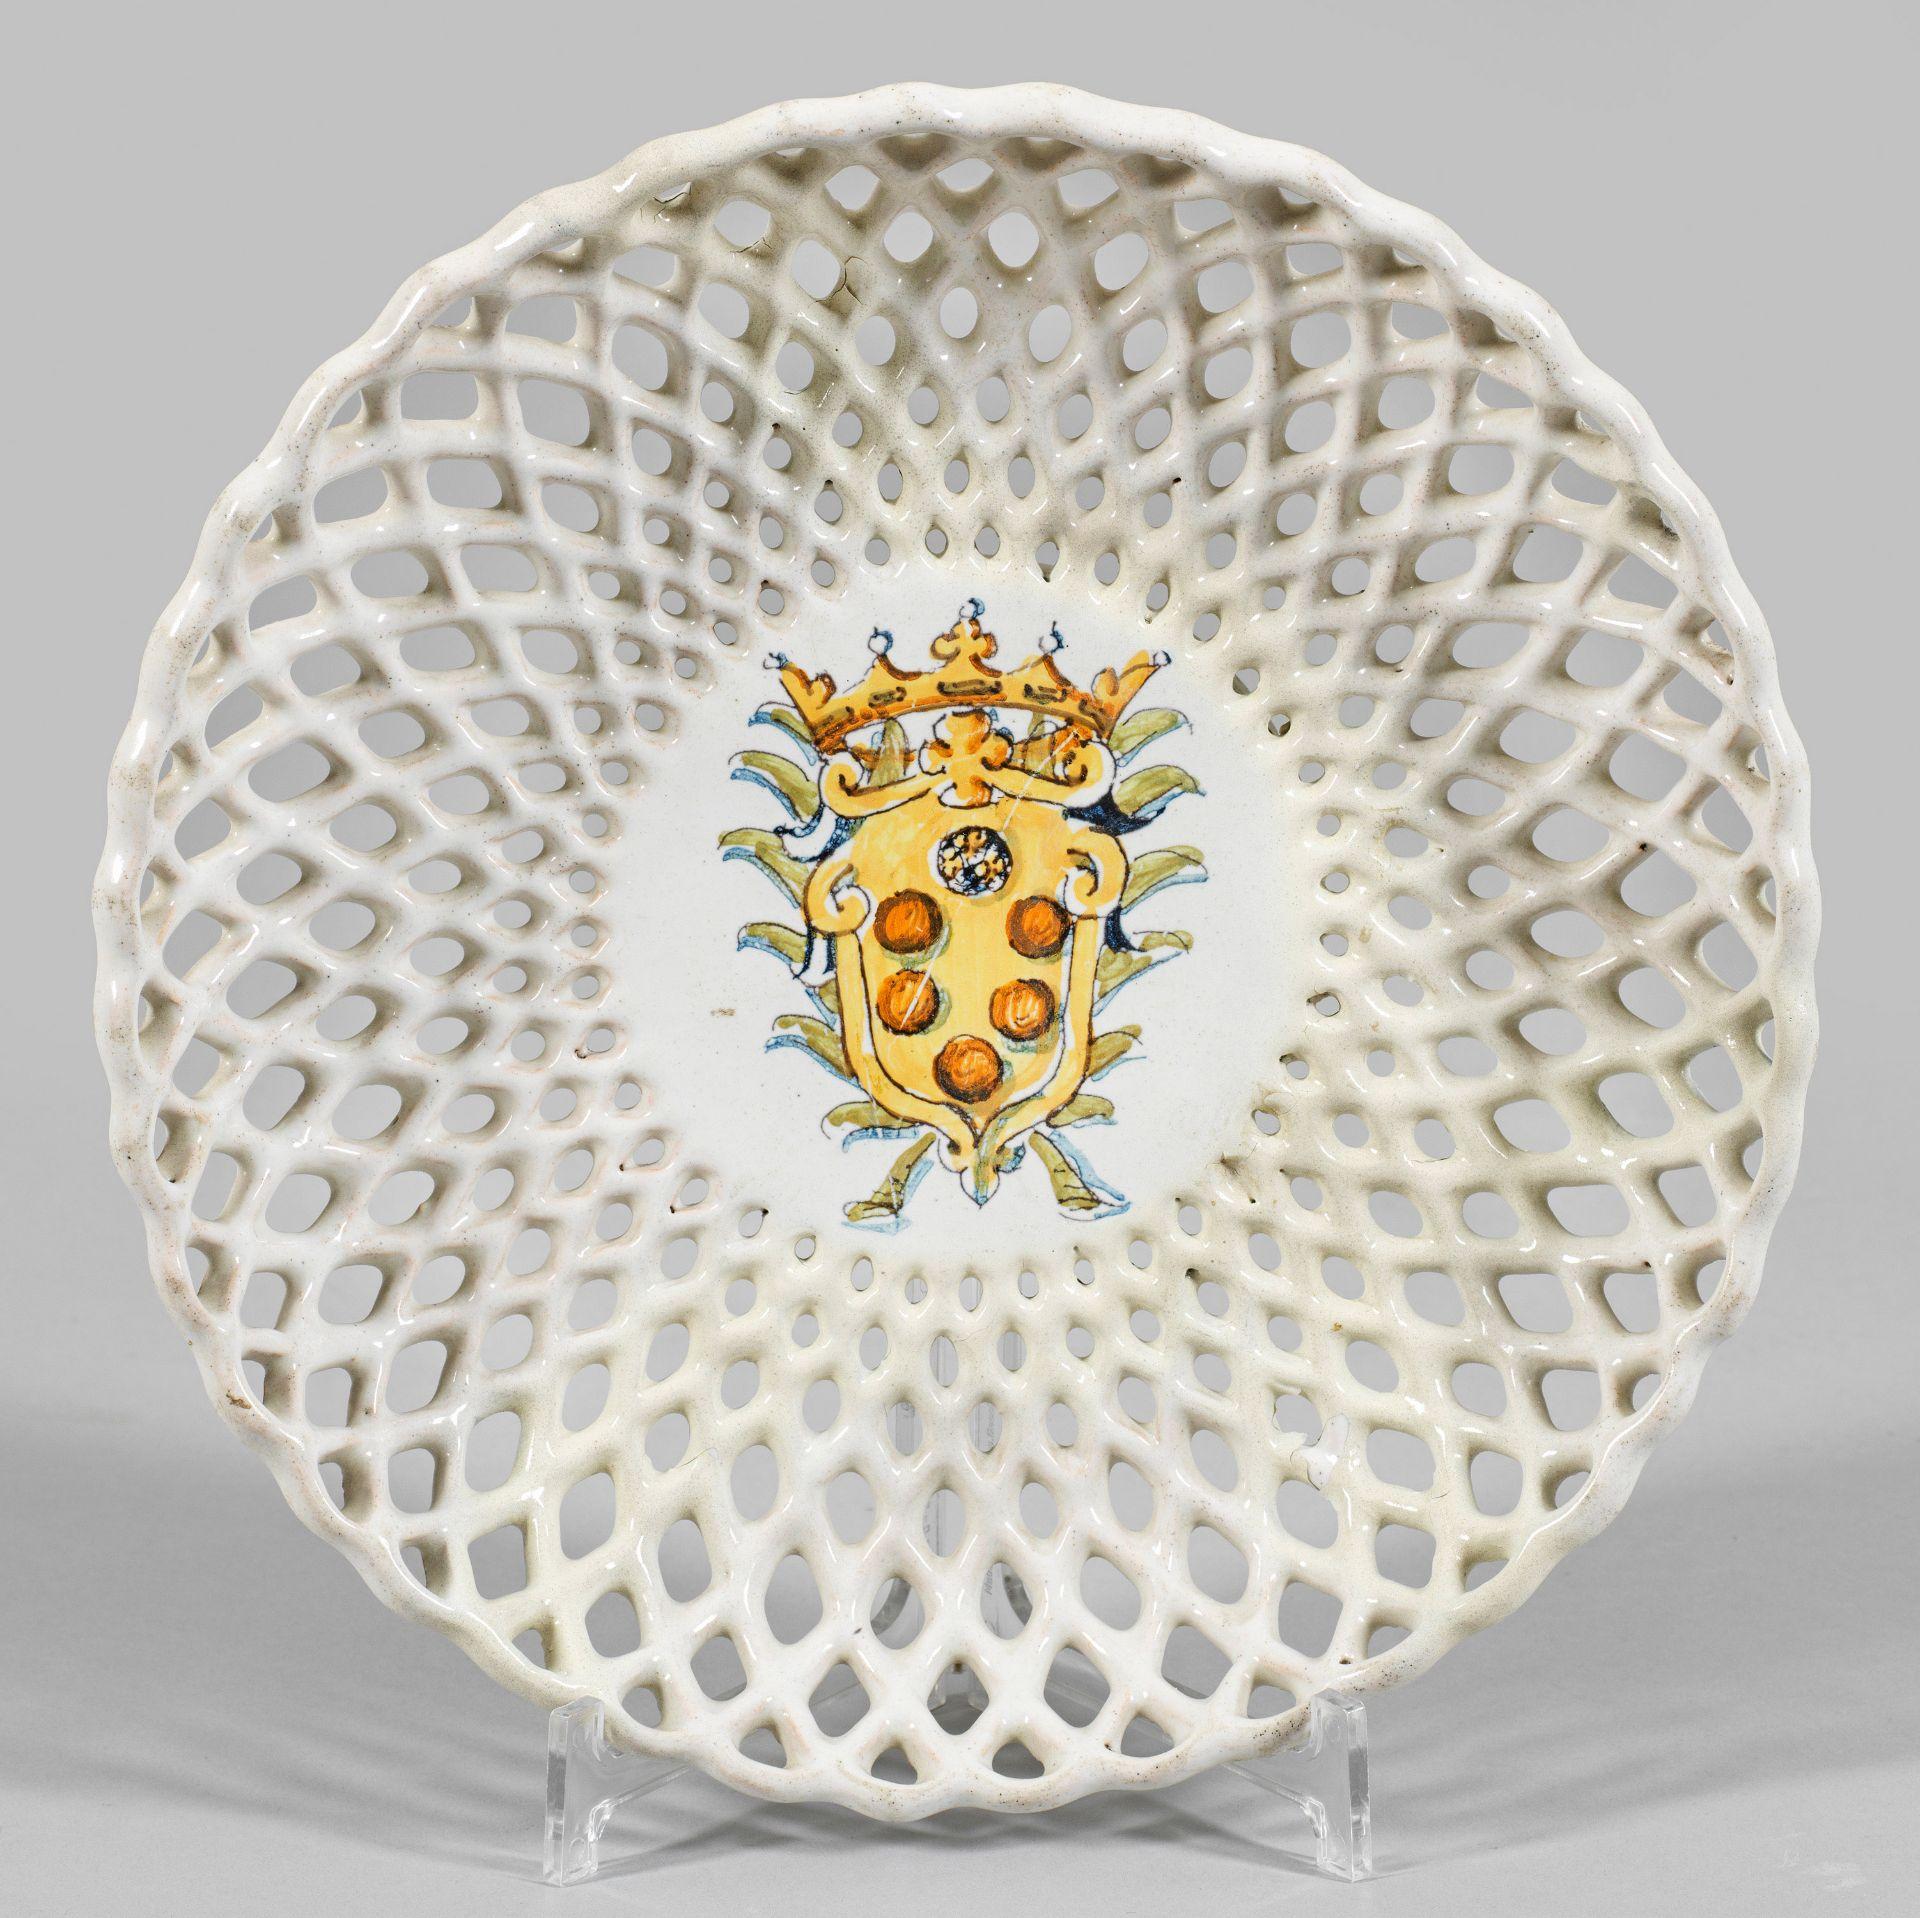 Majolika-Durchbruchschale mit Medici-Wappen